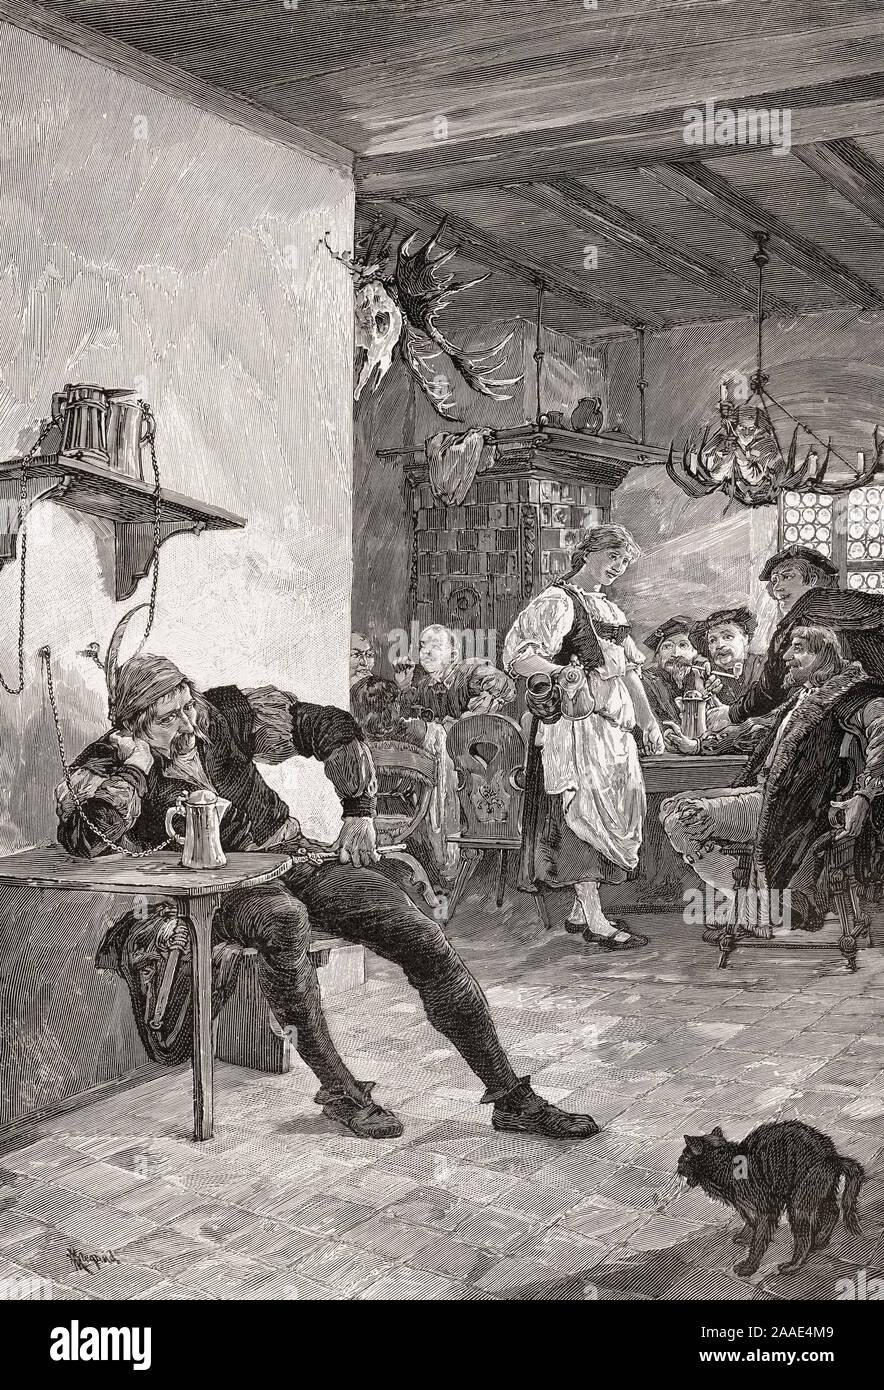 Le siège d'un bourreau dans un pub, l'Allemagne, l'Europe, 16e siècle Banque D'Images